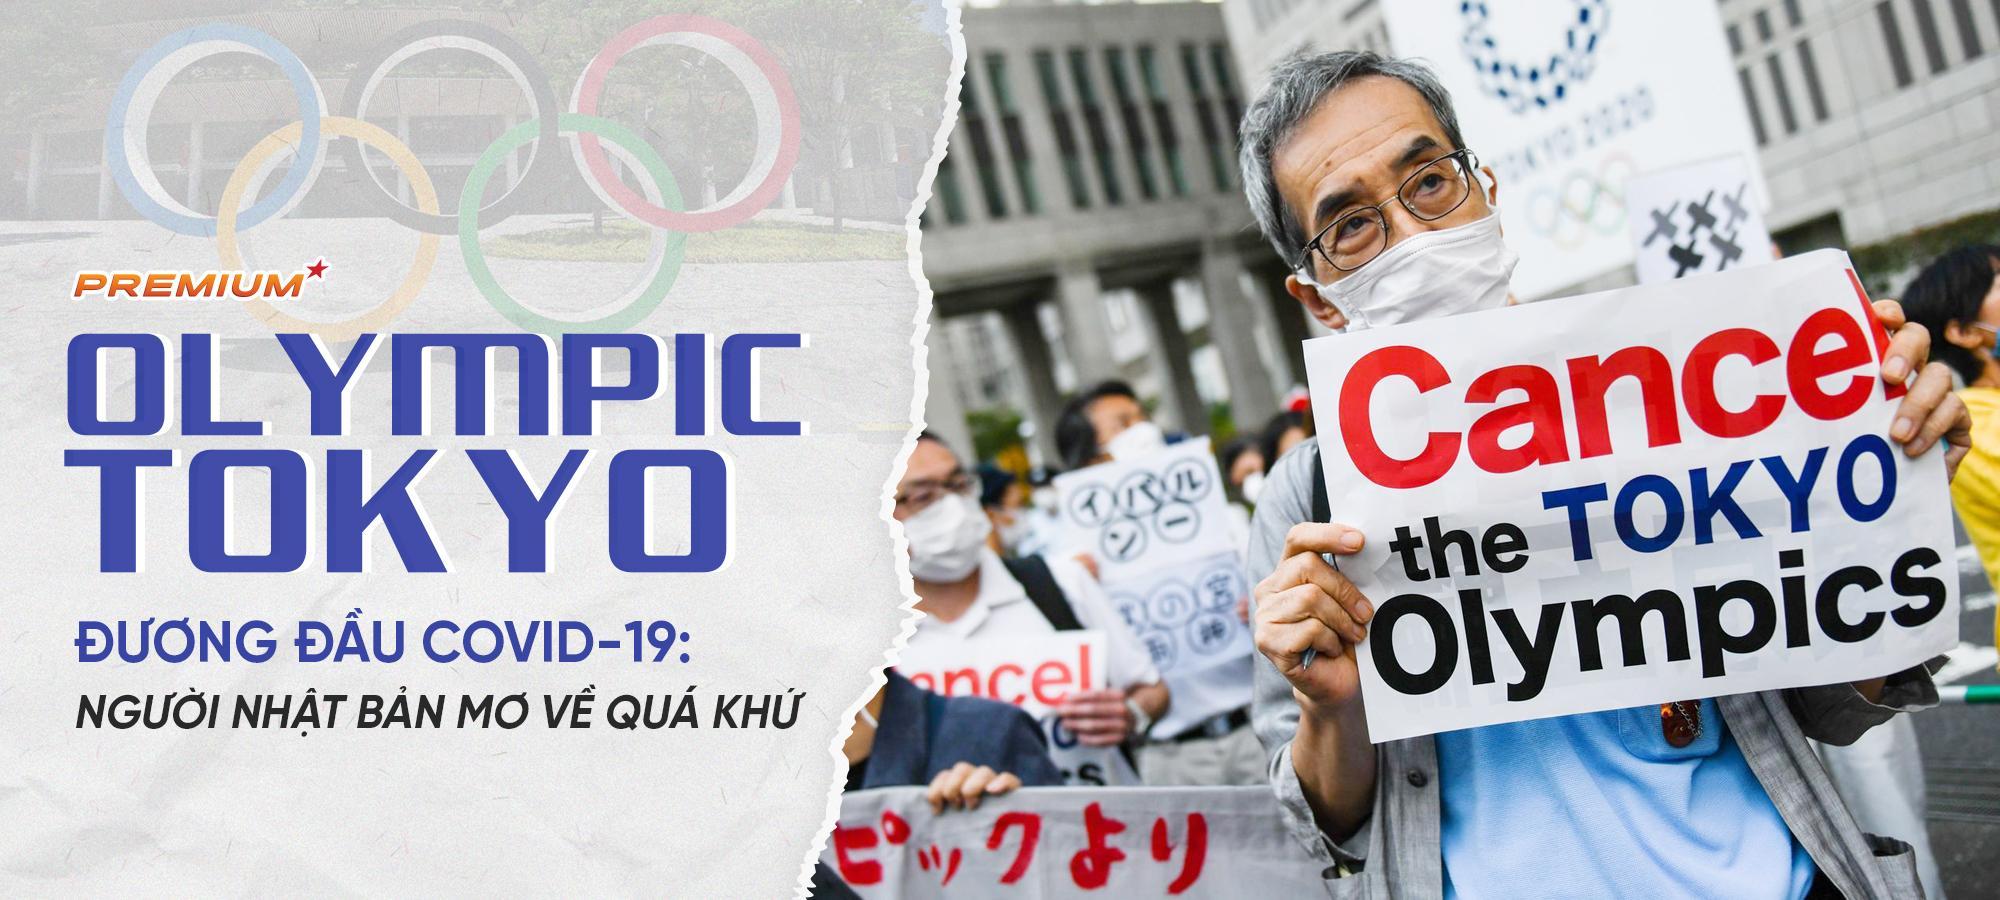 Olympic Tokyo đương đầu Covid-19; Người Nhật Bản mơ về quá khứ